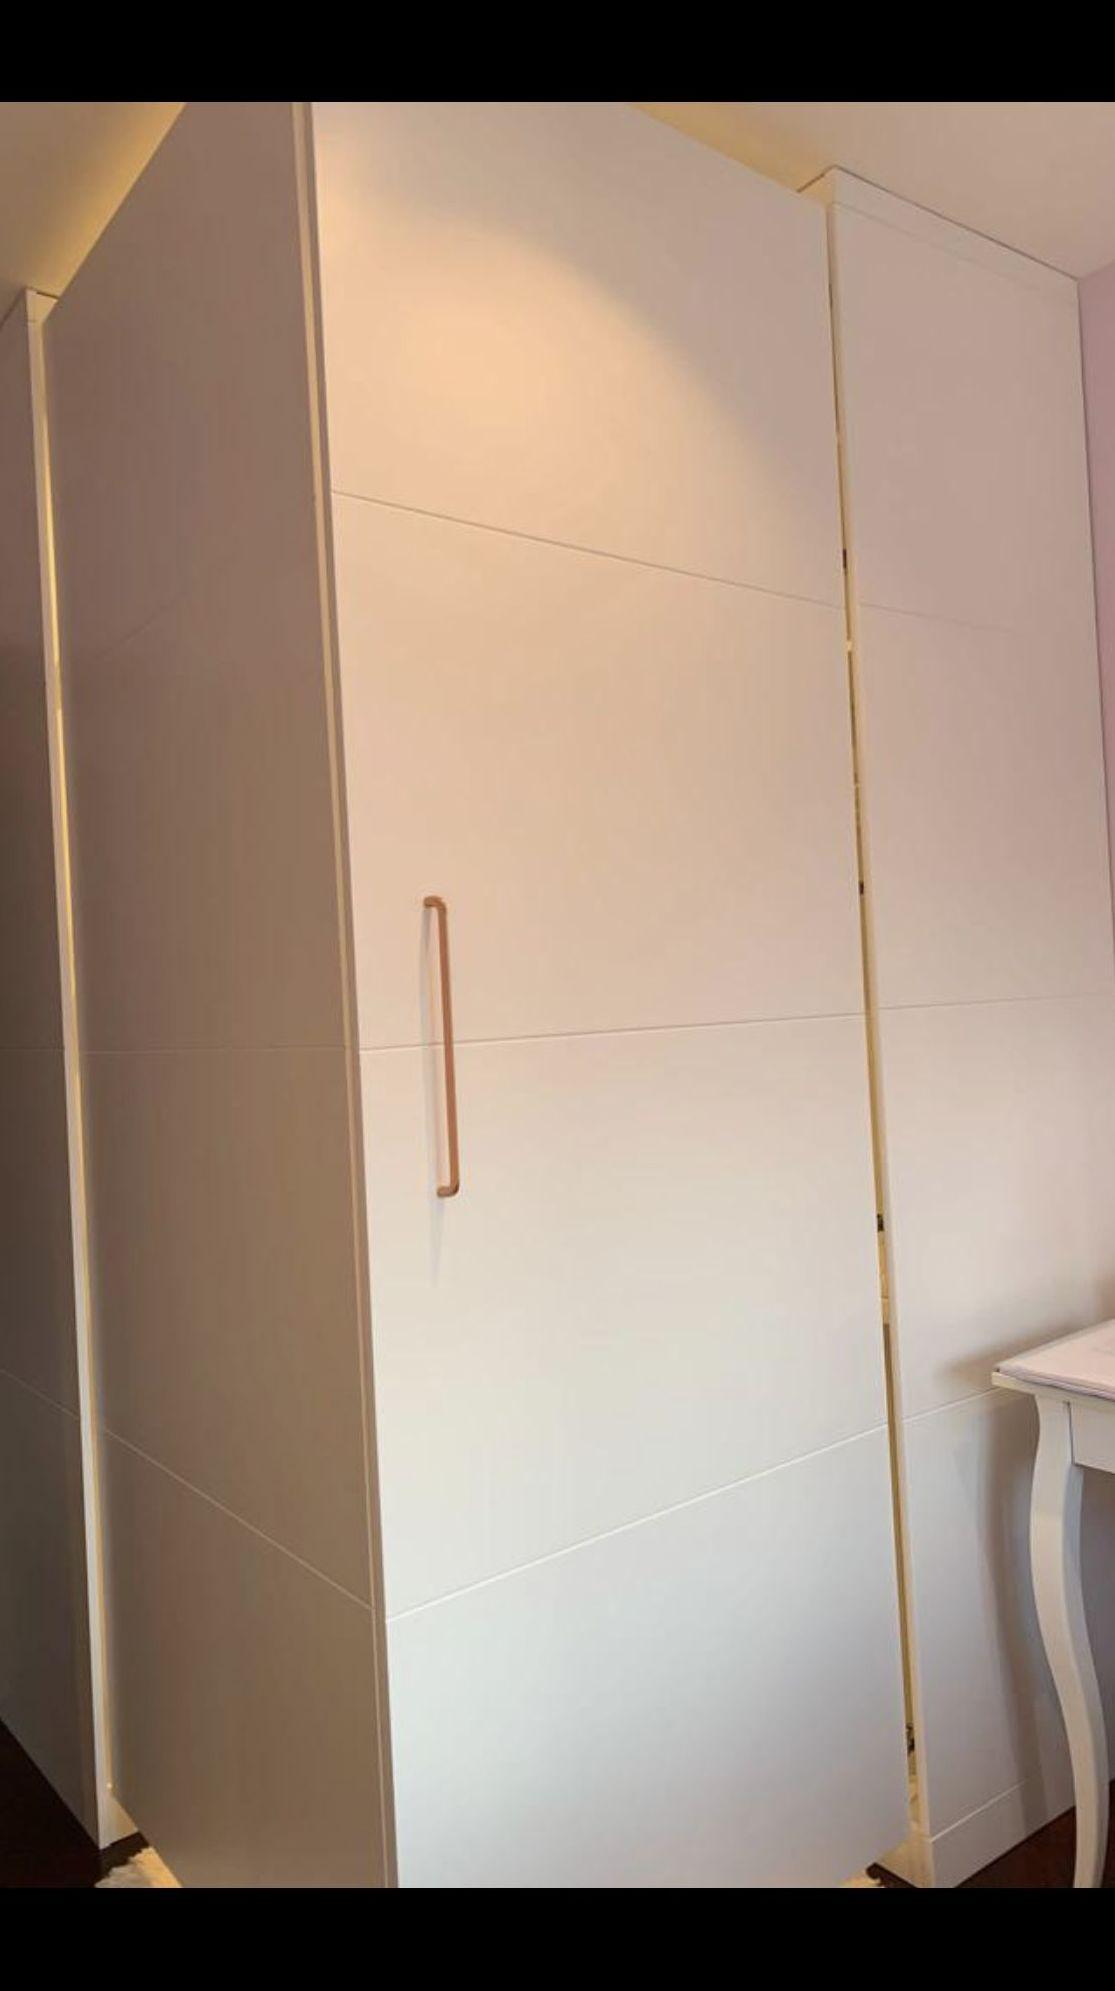 Armario vestidor realizado en DM, lacado en color blanco